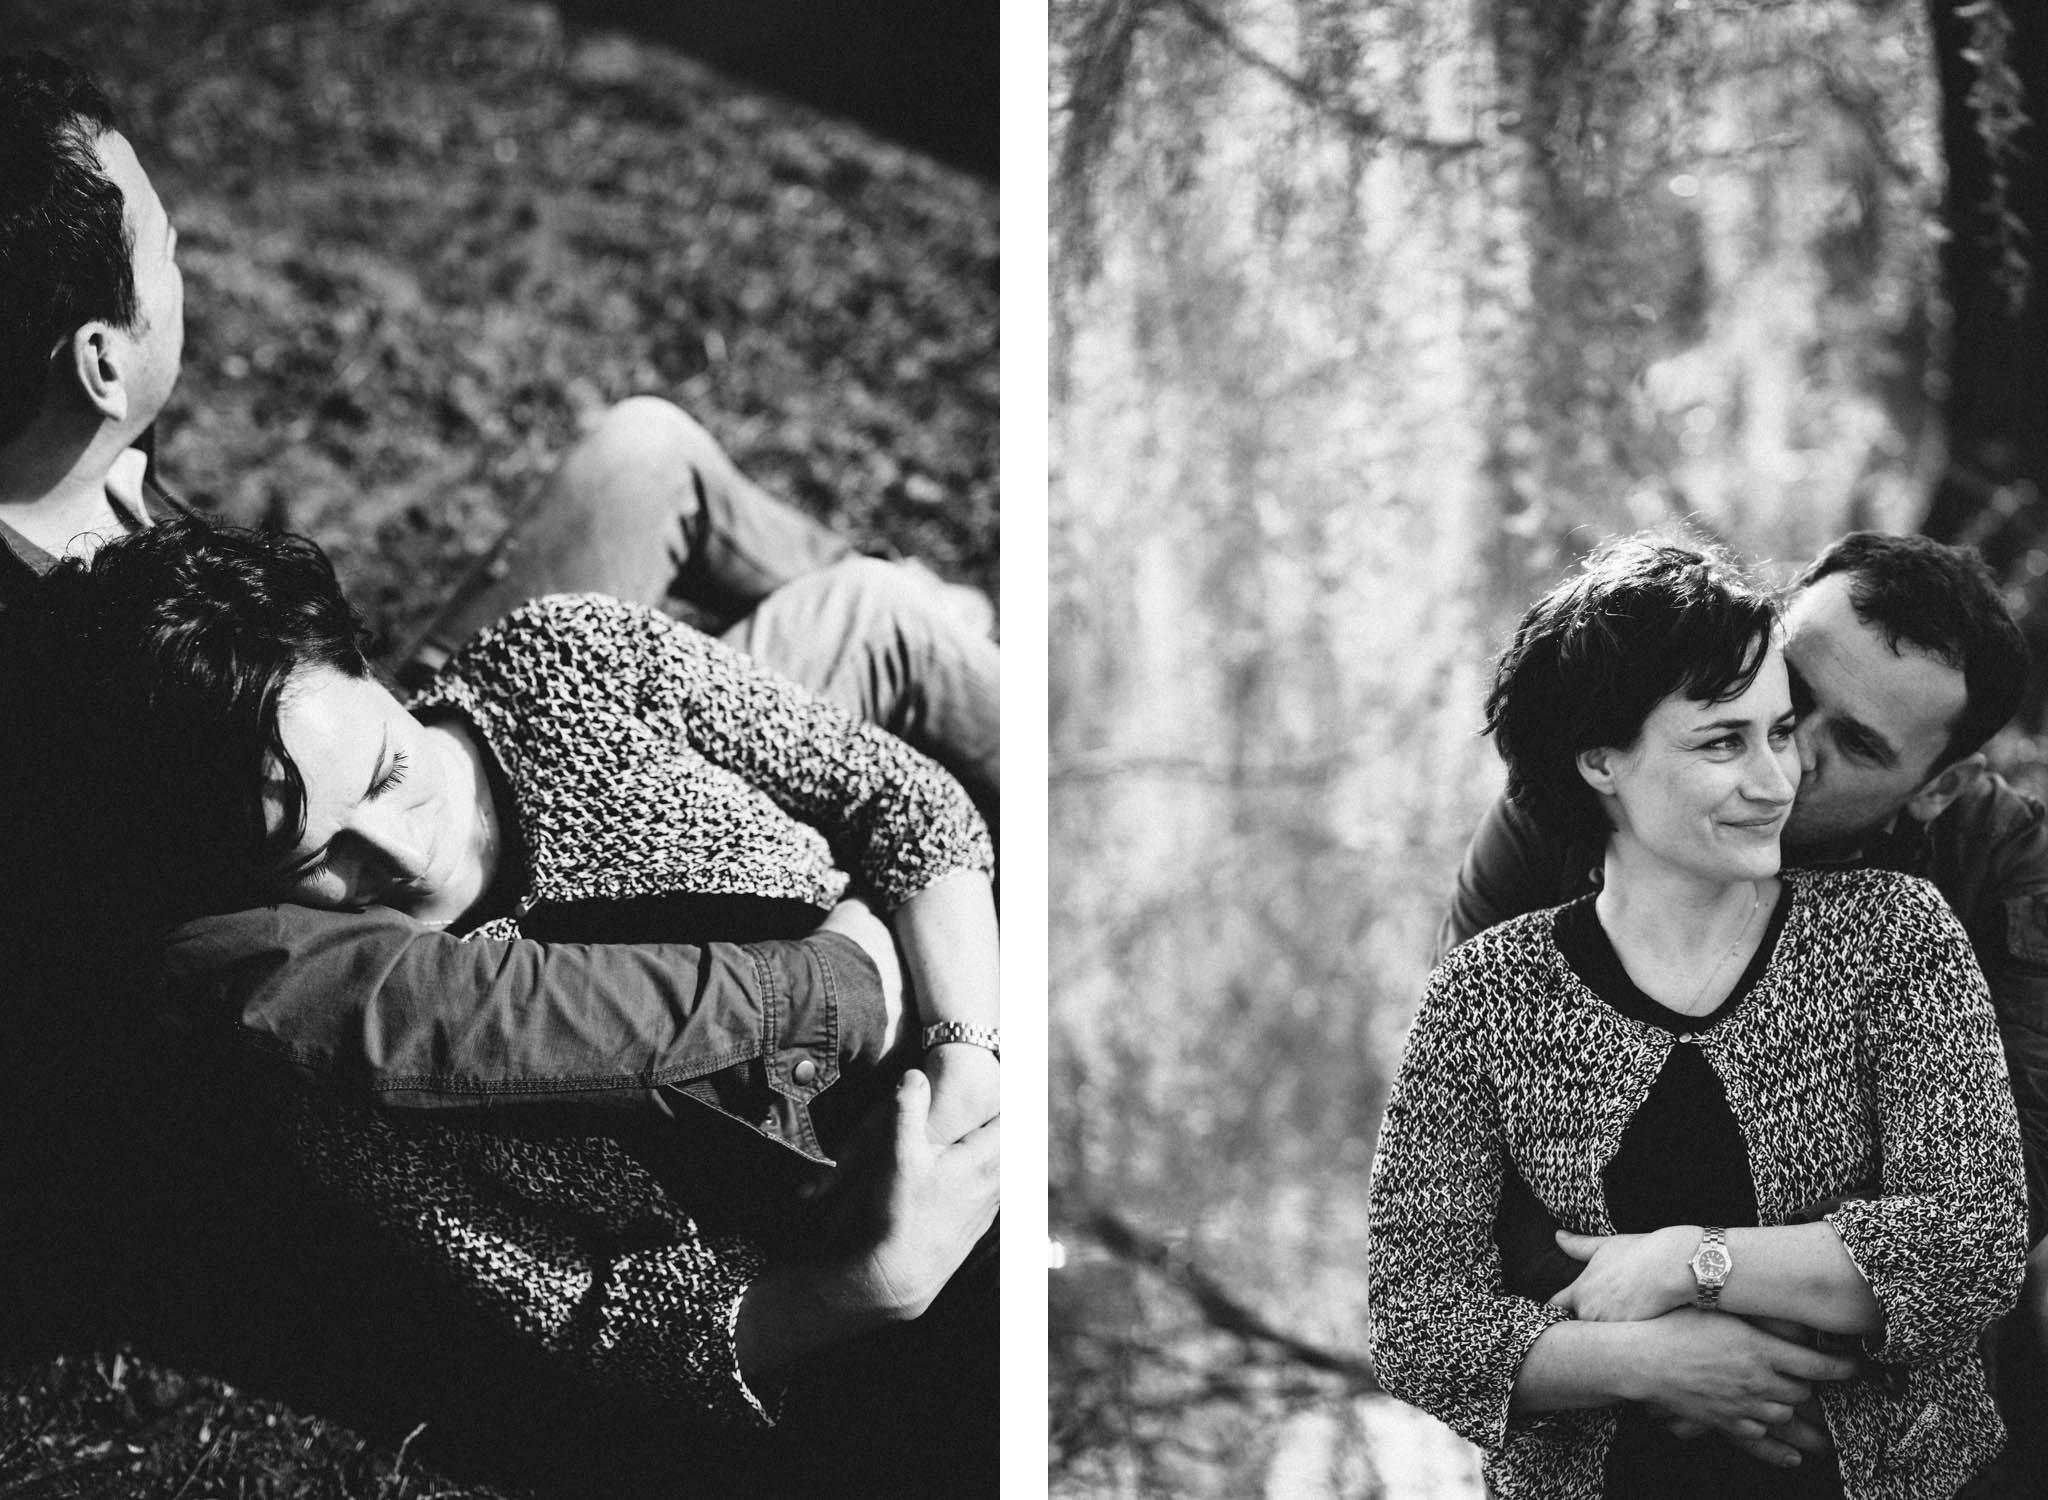 schwarzweiss-portraits-engagement-shooting-tiergarten-berlin